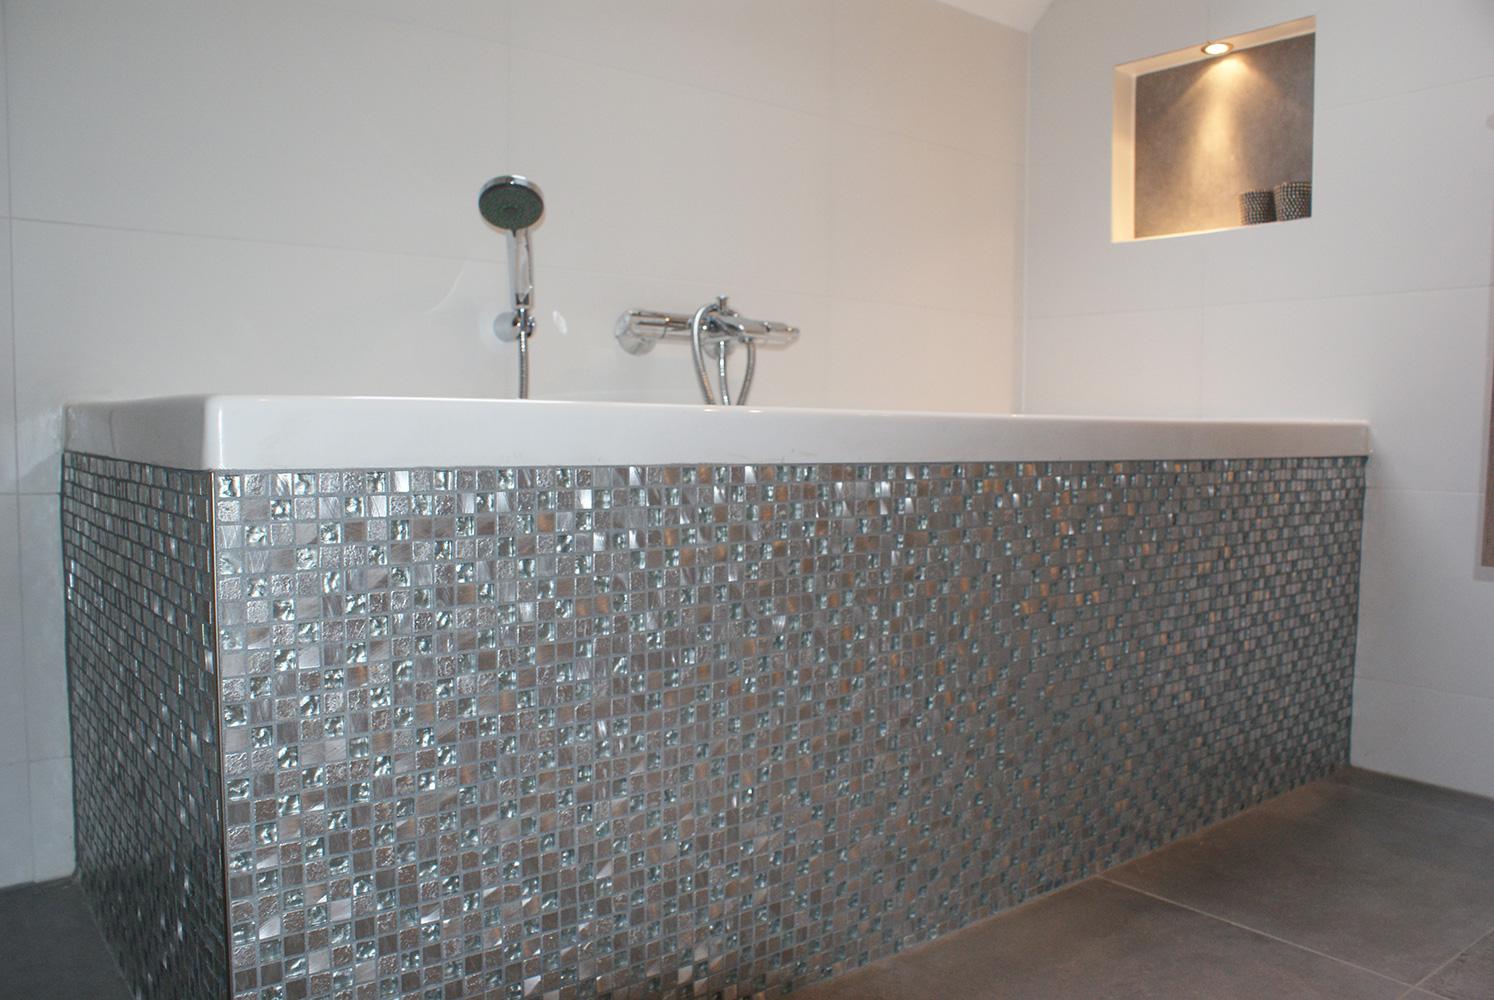 Badkamer met moza ek en nisjes secuur tegelwerken - Wc mozaiek ...